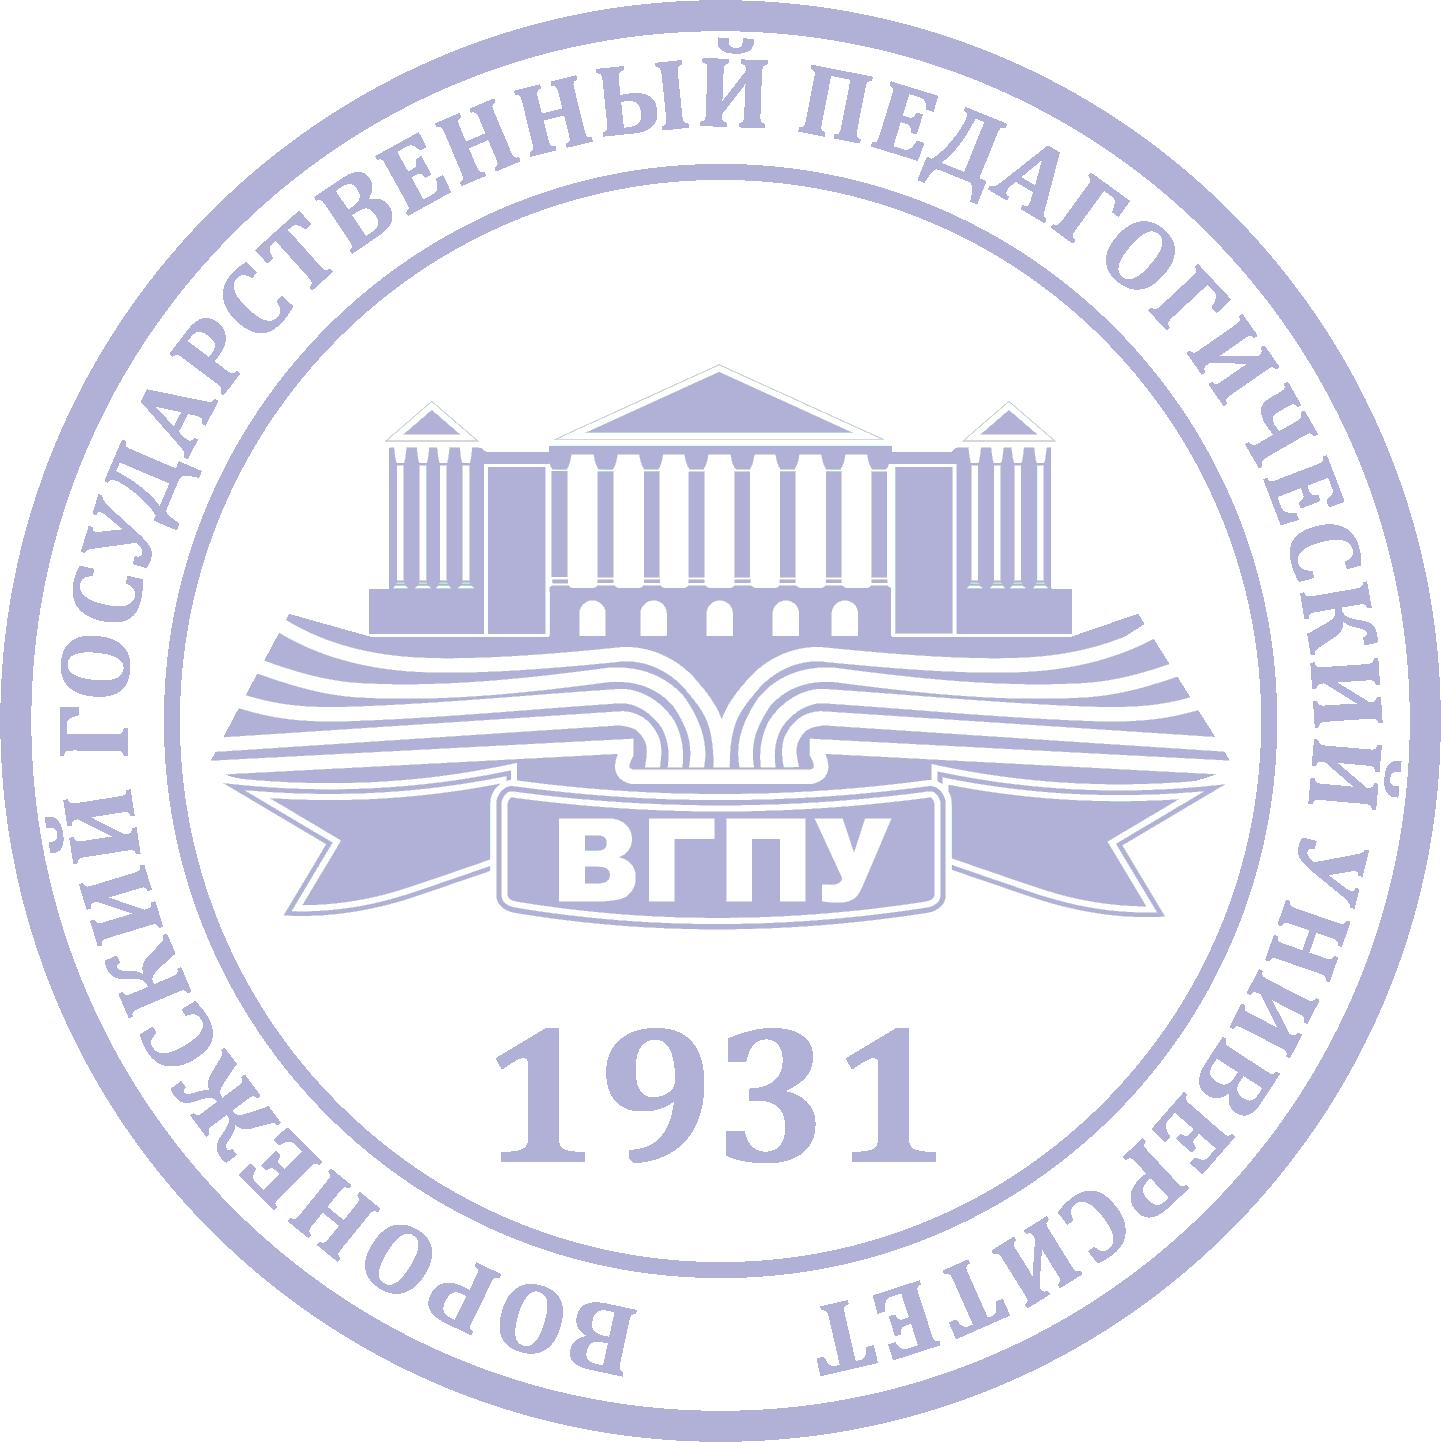 Дистанционное обучение в ВГПУ